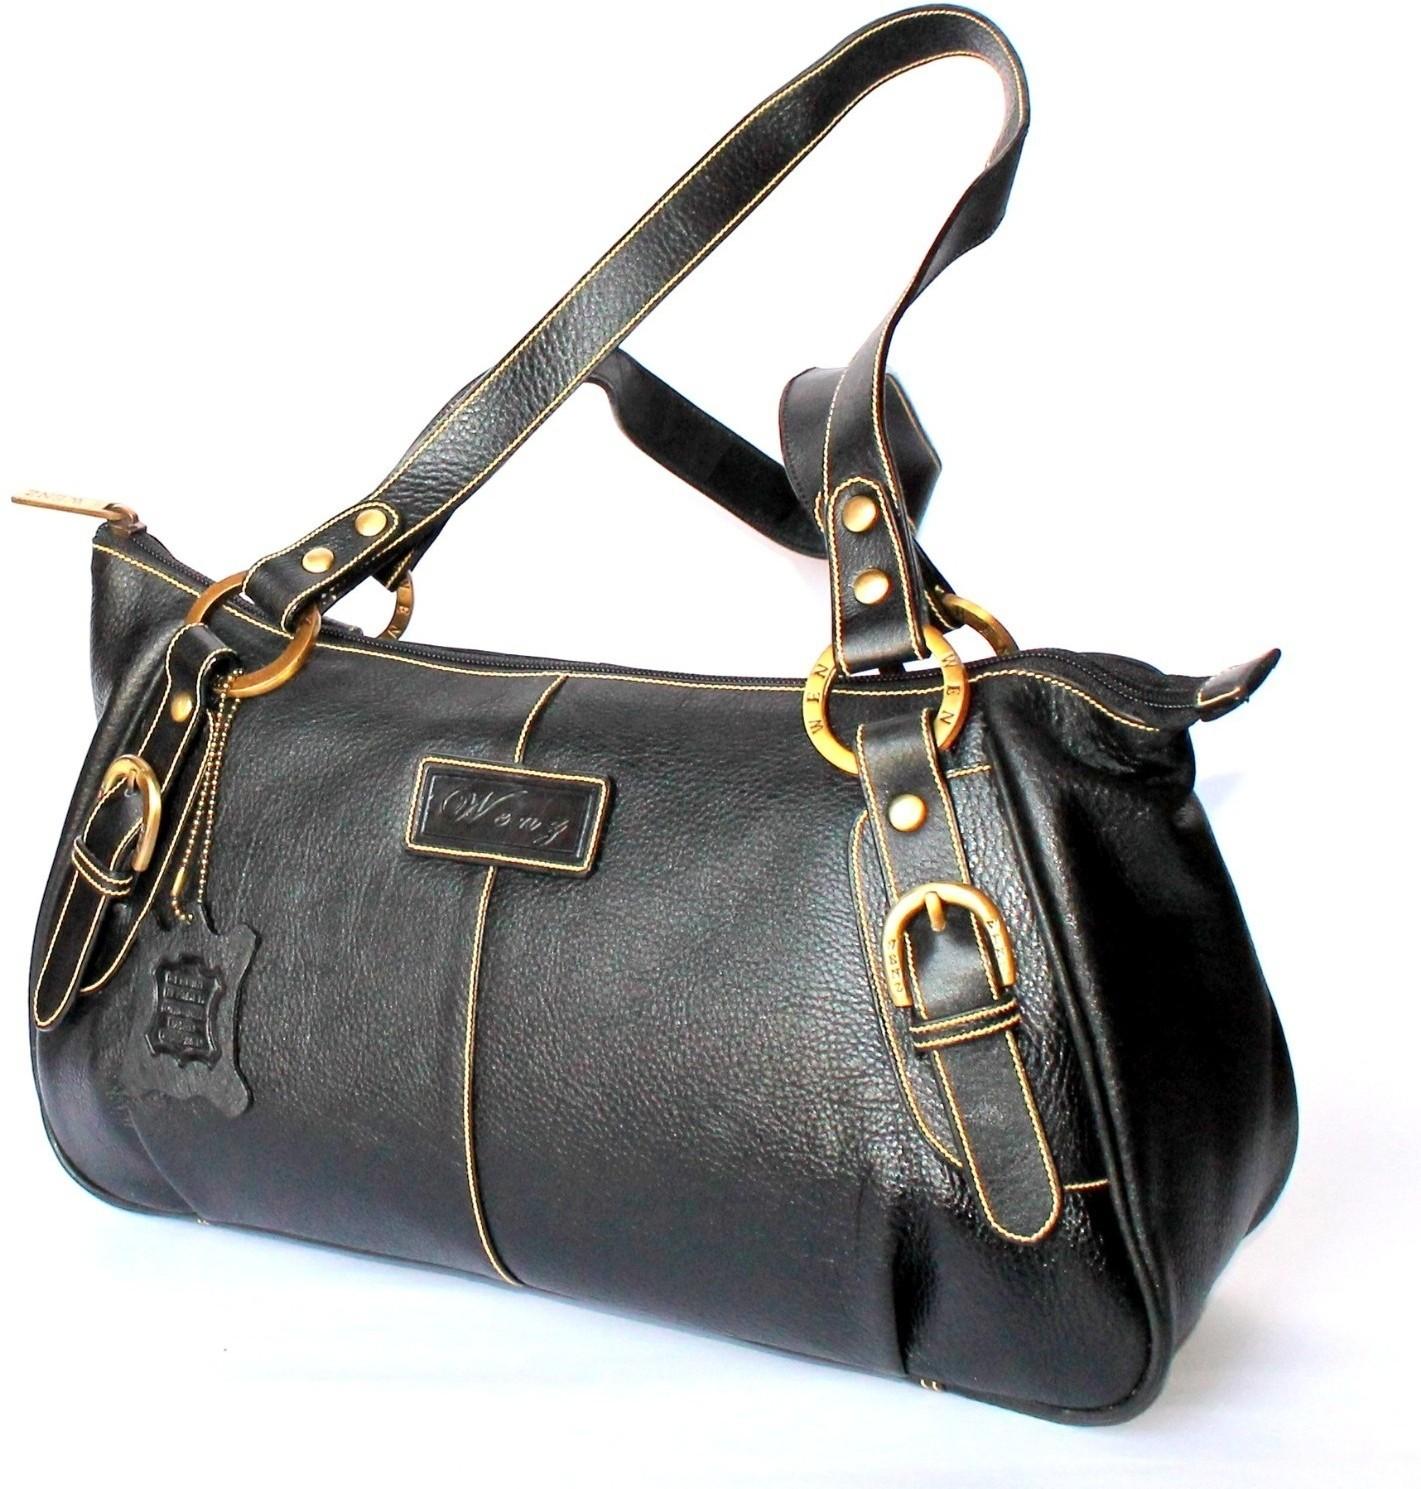 Buy StonKraft Designer Branded Genuine Pure Leather Ladies Baguette  Shoulder Bag Shoulder Bag Black   ₹ 2950 by StonKraft from Flipkart  cecbd37980093